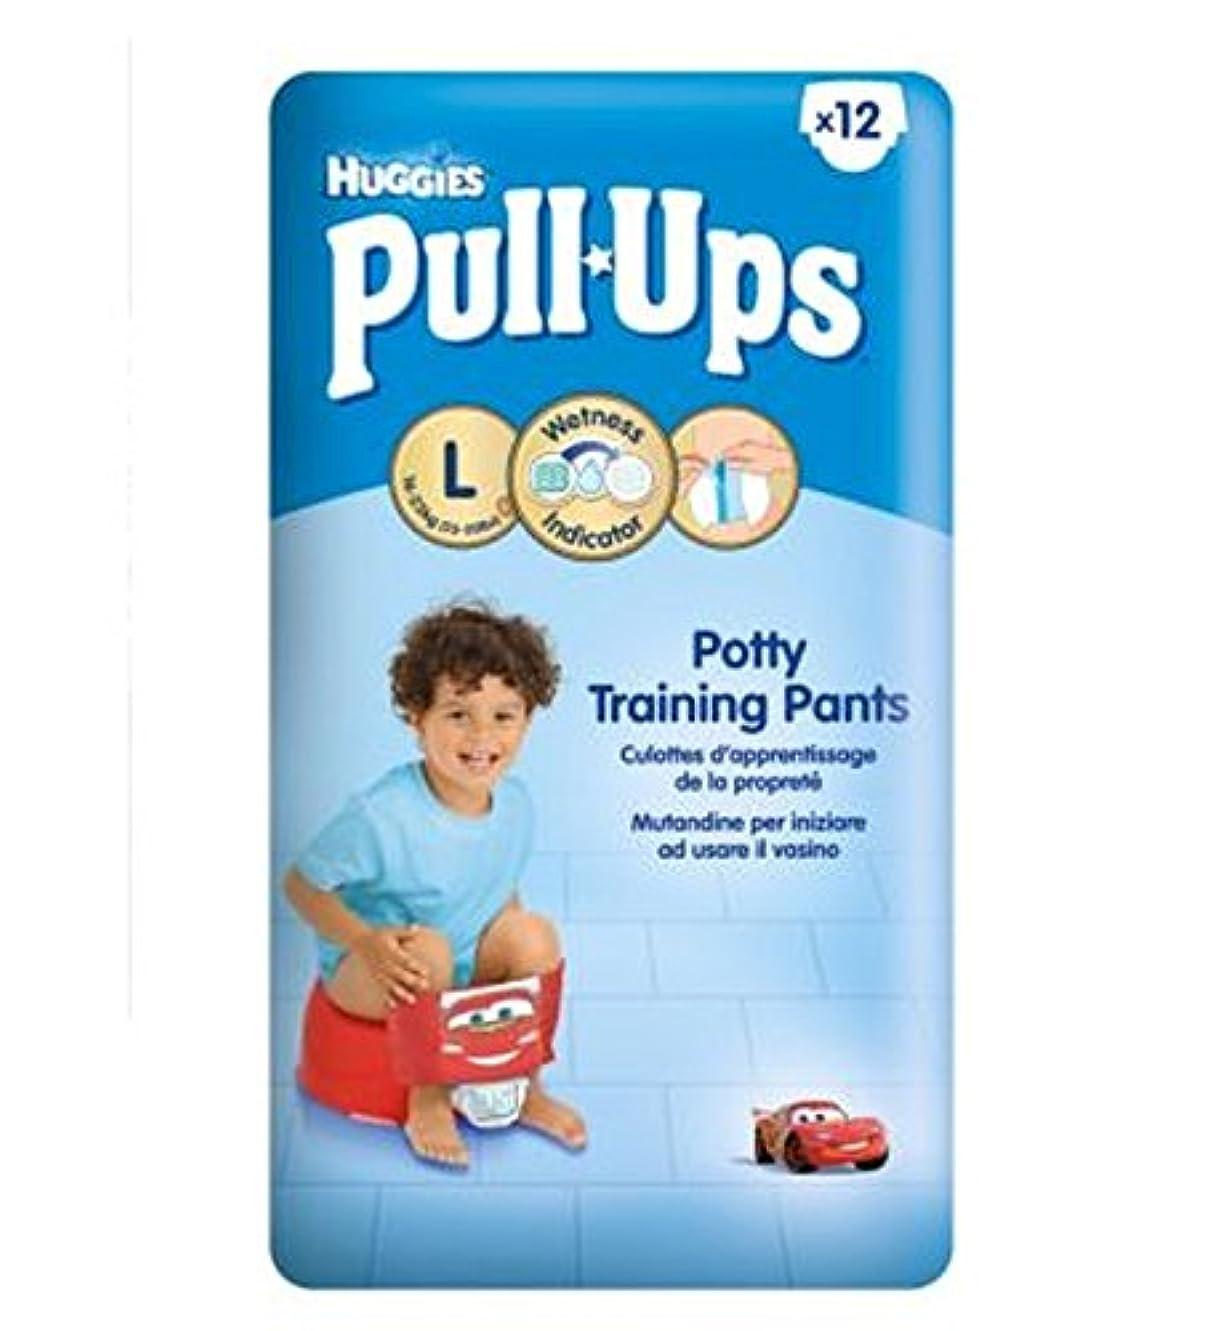 満了ペーストスチュワーデスHuggies? Pull-Ups? Disney-Pixar Cars Boy Size 6 Potty Training Pants - 1 x 12 Pants - Huggies?プルUps?ディズニー?ピクサー...